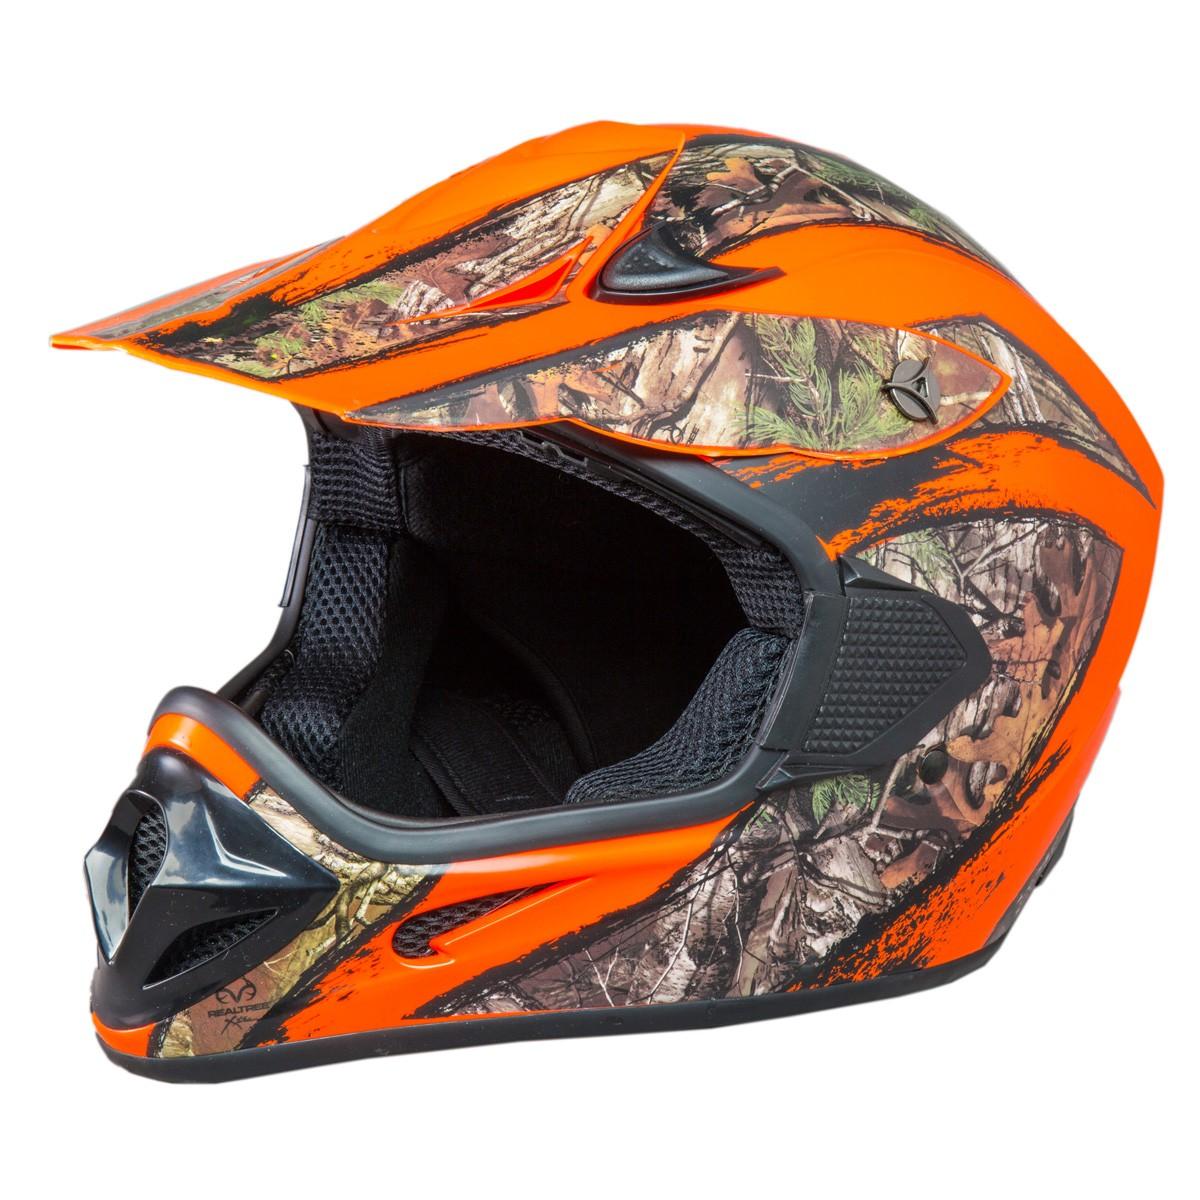 Shc Sh Or Realtree Xtra Camo Adult Helmet Atv Mx Off